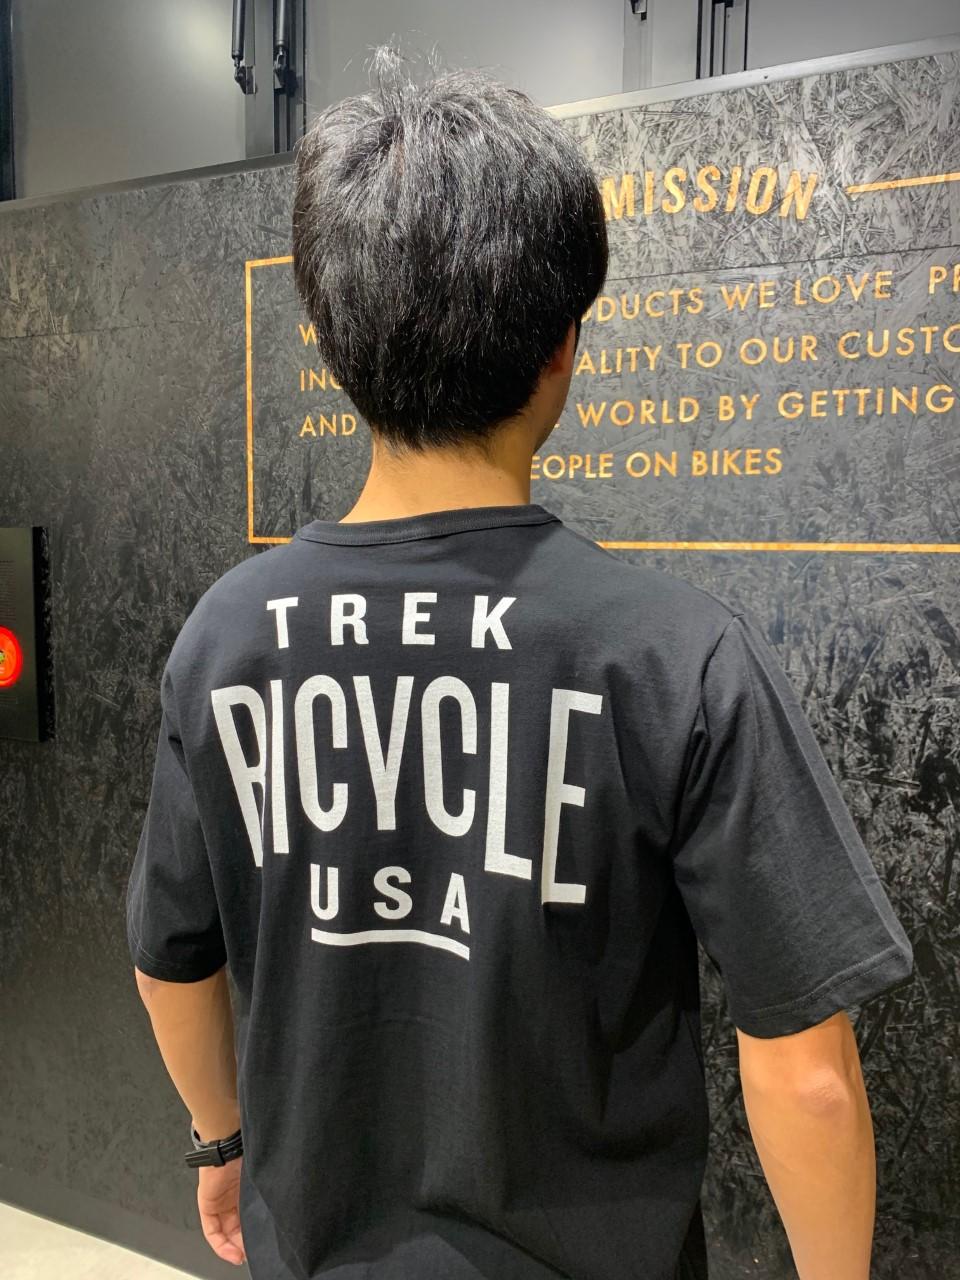 【新商品入荷】TREK直営店オリジナル!オシャレなTシャツ揃っています。